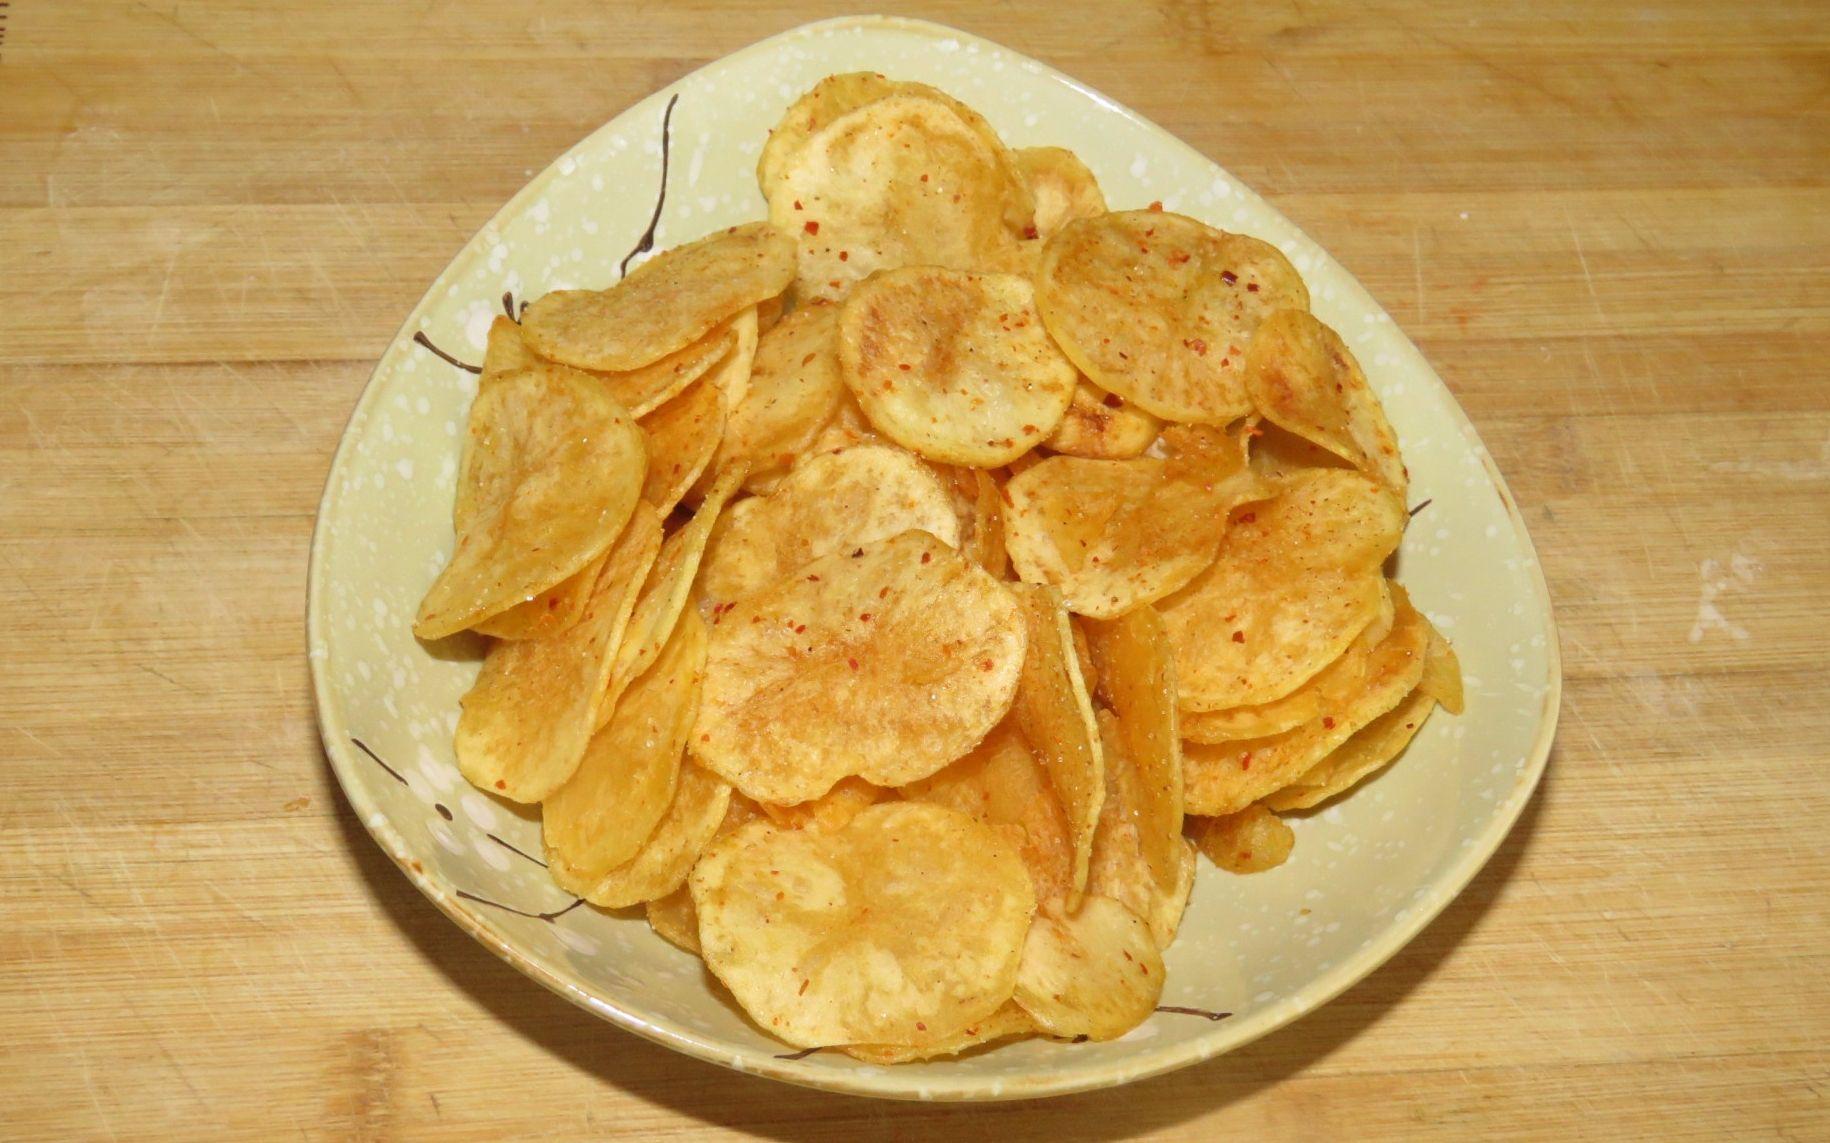 甜点制作视频_炸薯片原来这么简单、香脆可口、两土豆做一大盘、大人孩子 ...